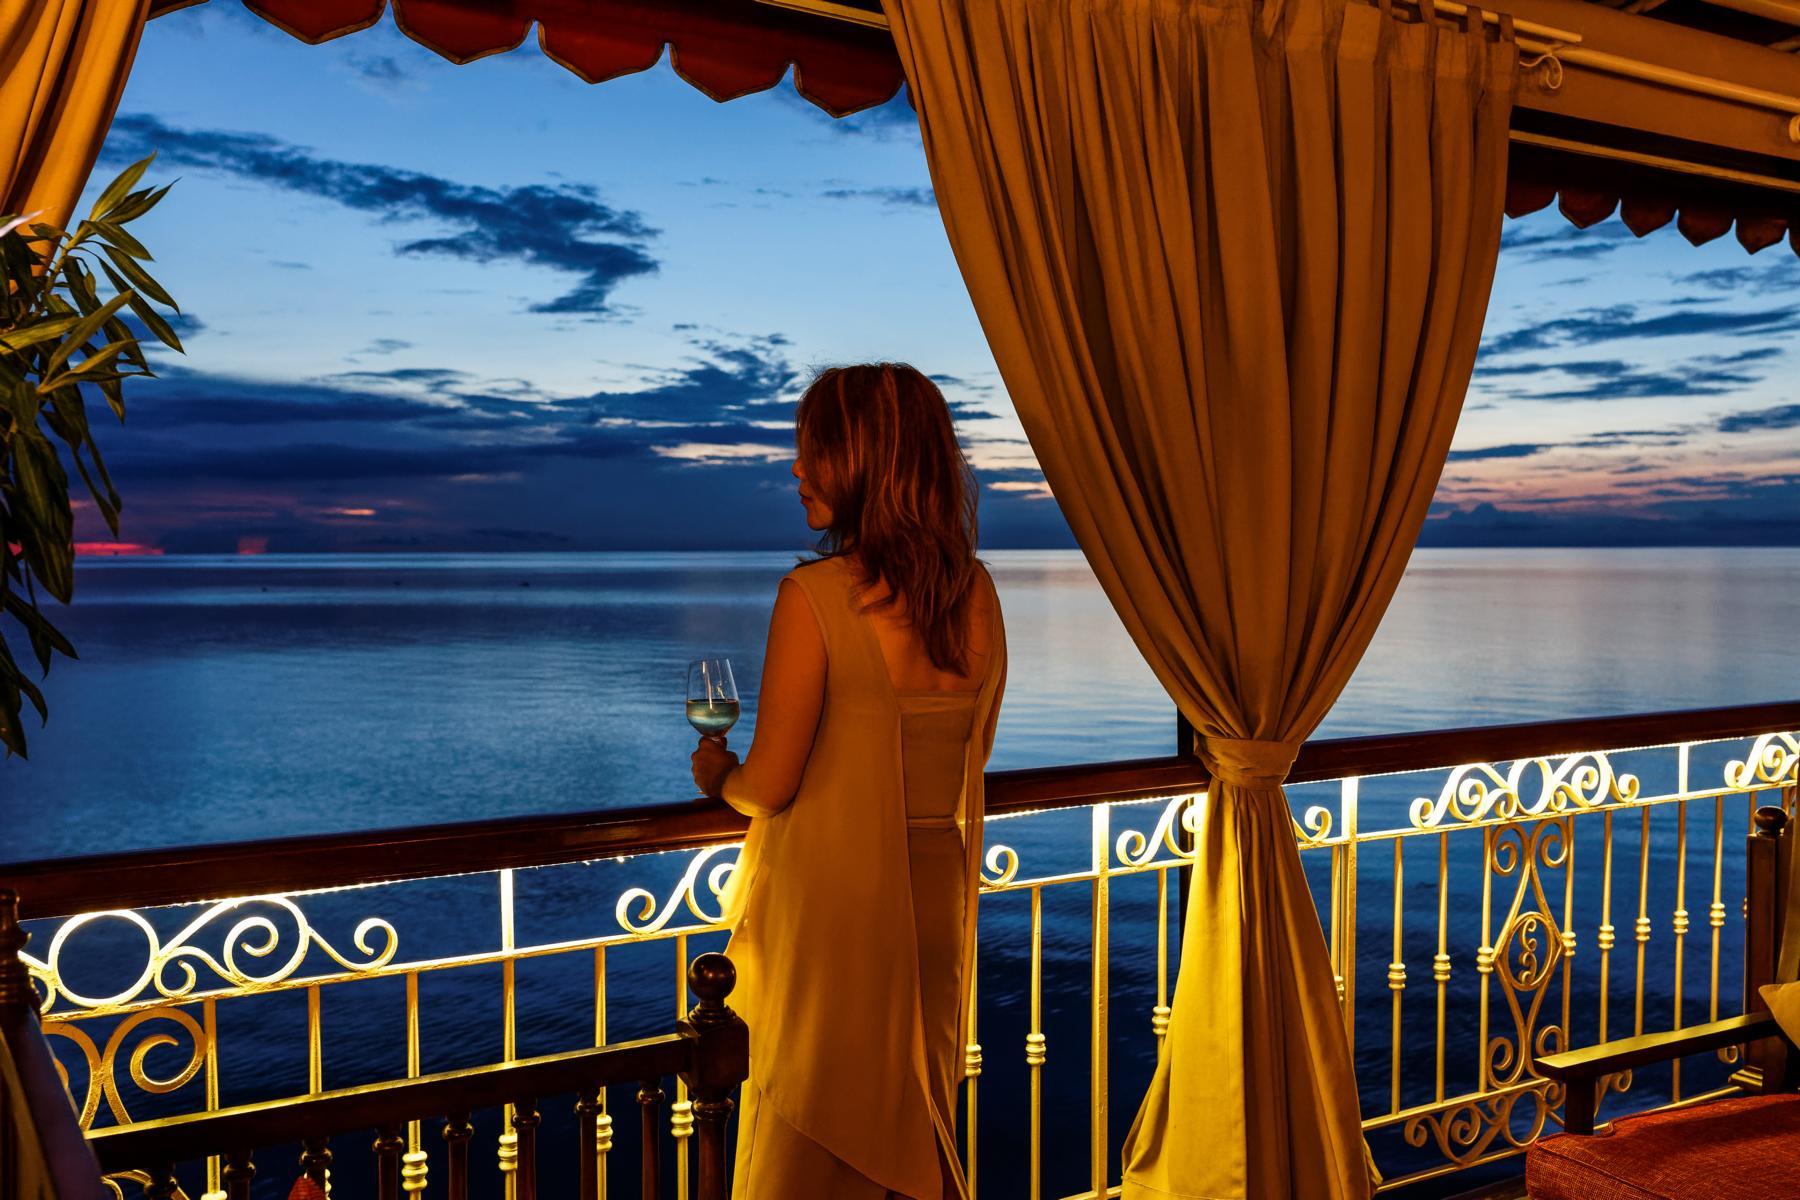 Ausblick im Sonnenuntergang an Deck der Jahan der Heritage Line auf dem Mekong in Vietnam und Kambodscha